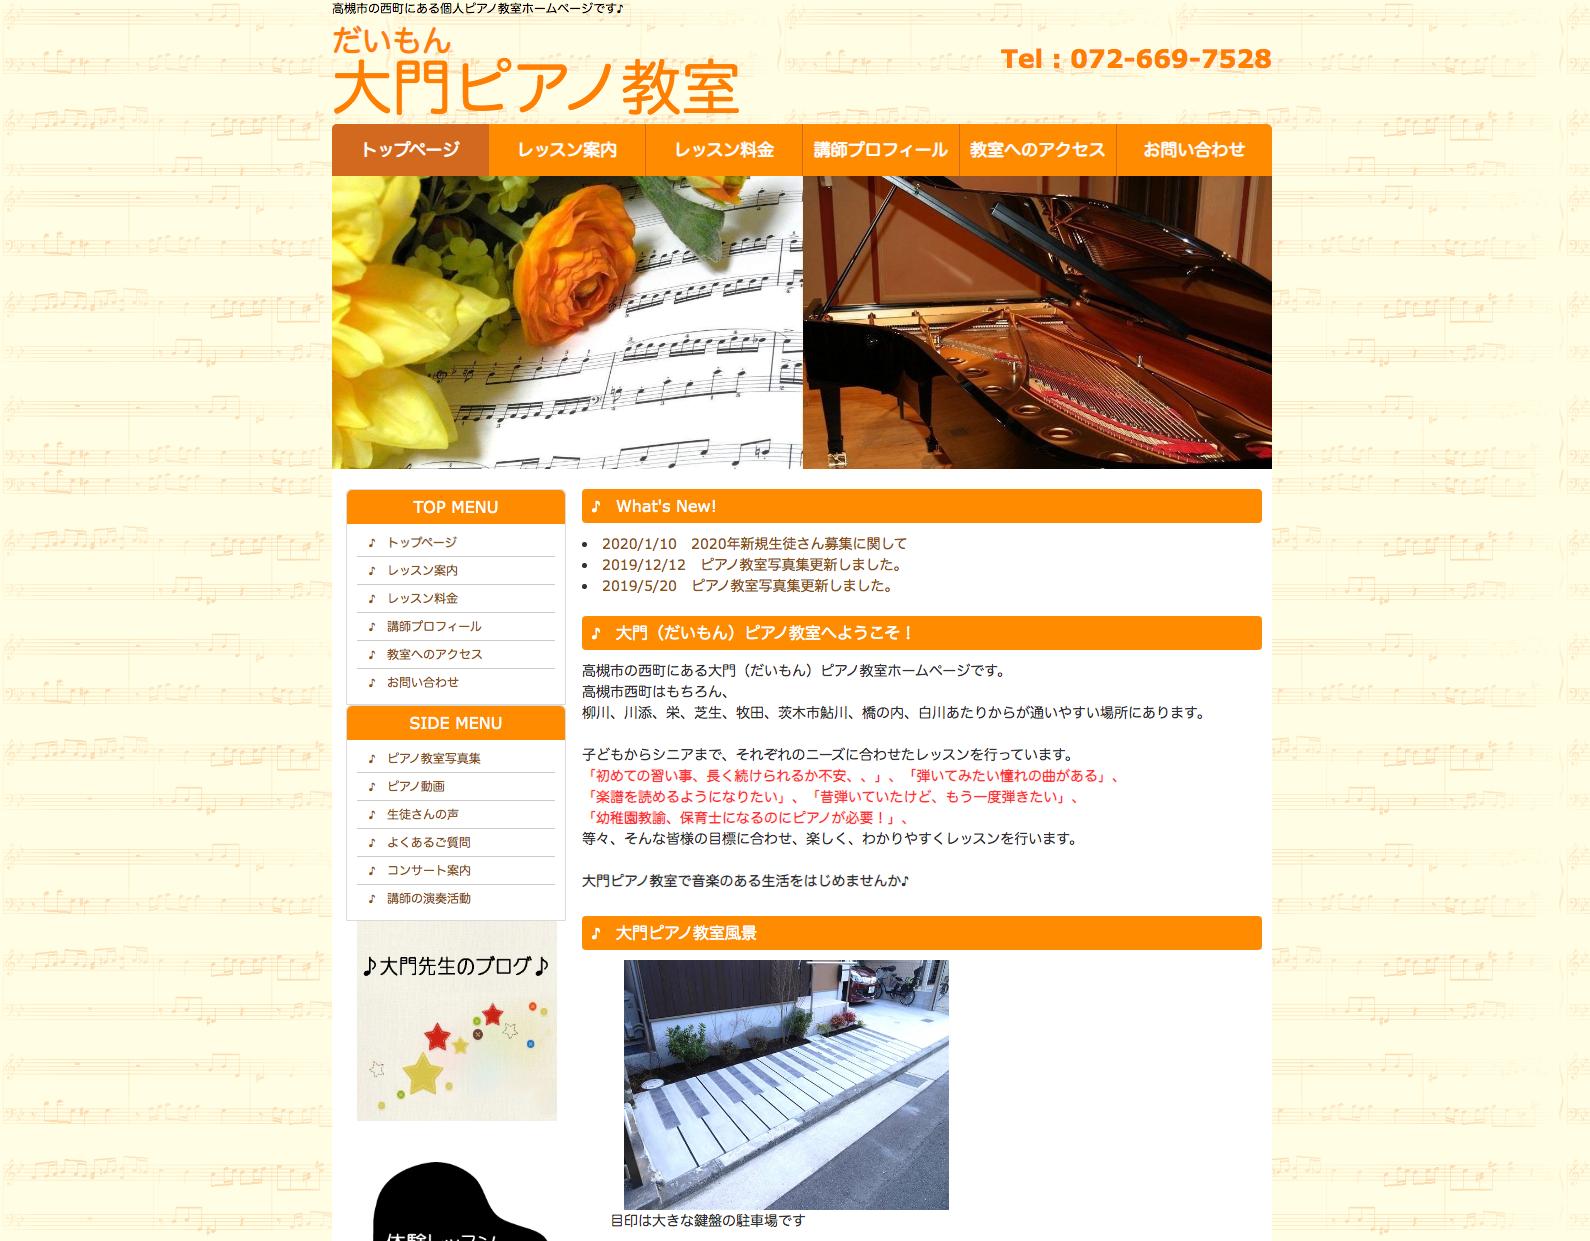 大門ピアノ教室のサムネイル